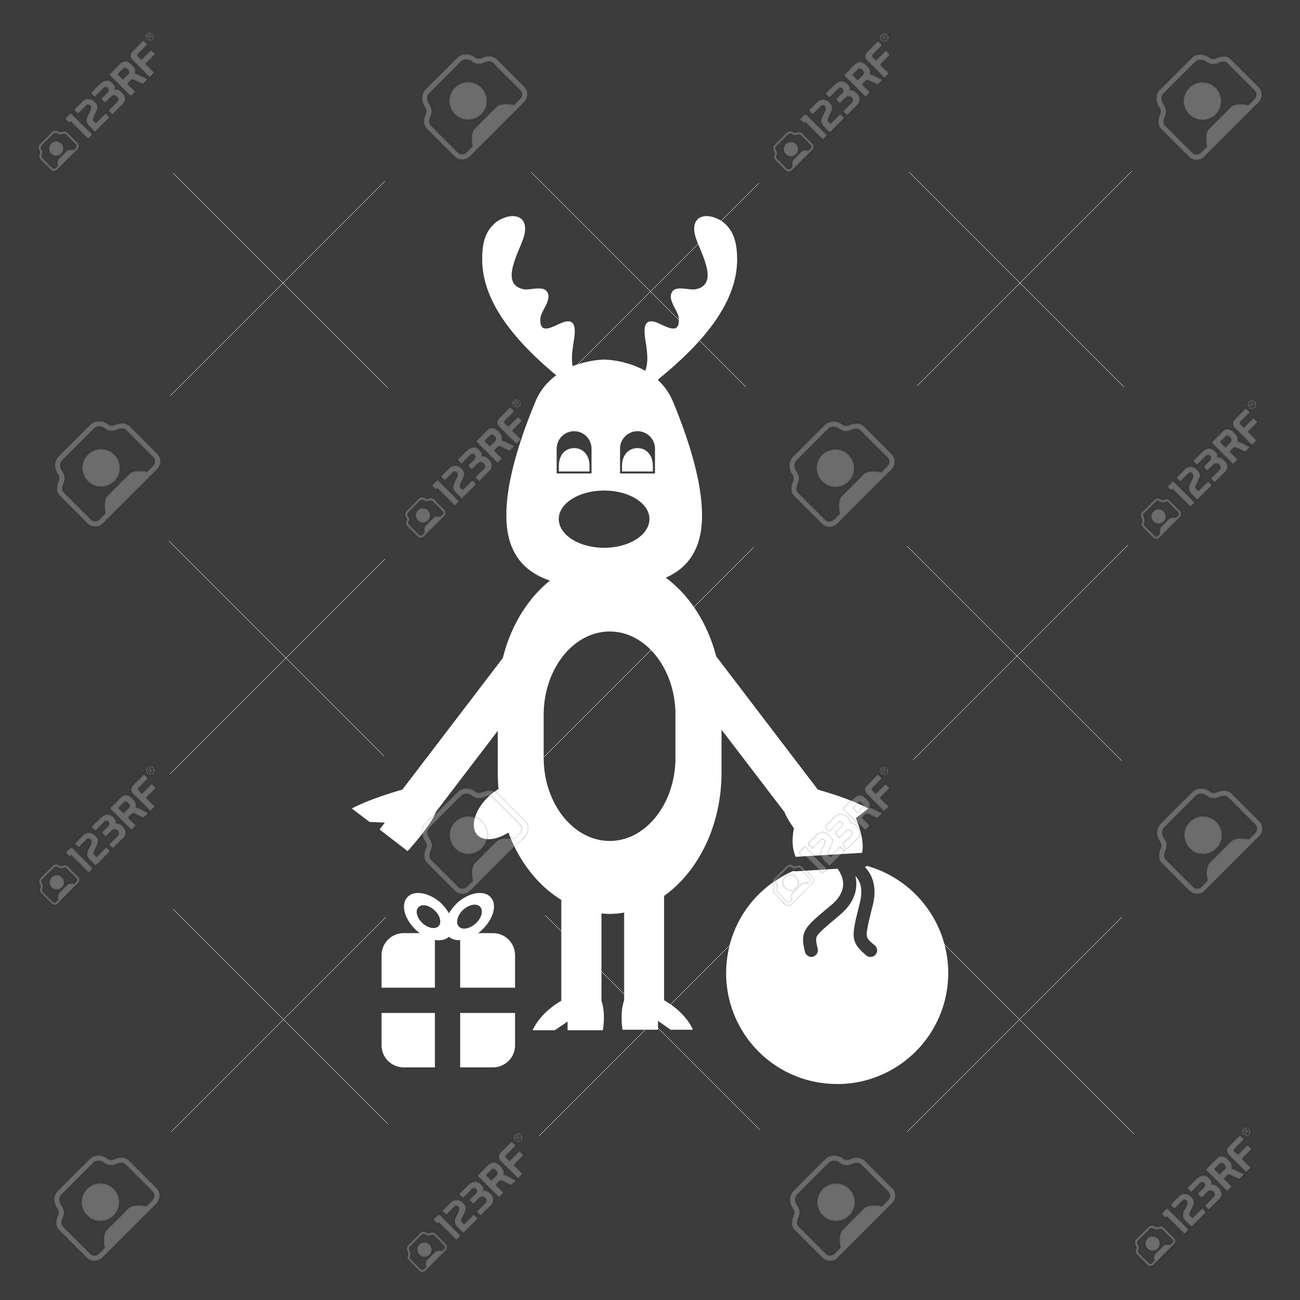 Icone Plat Dans Le Style Noir Et Blanc Renne De Noël